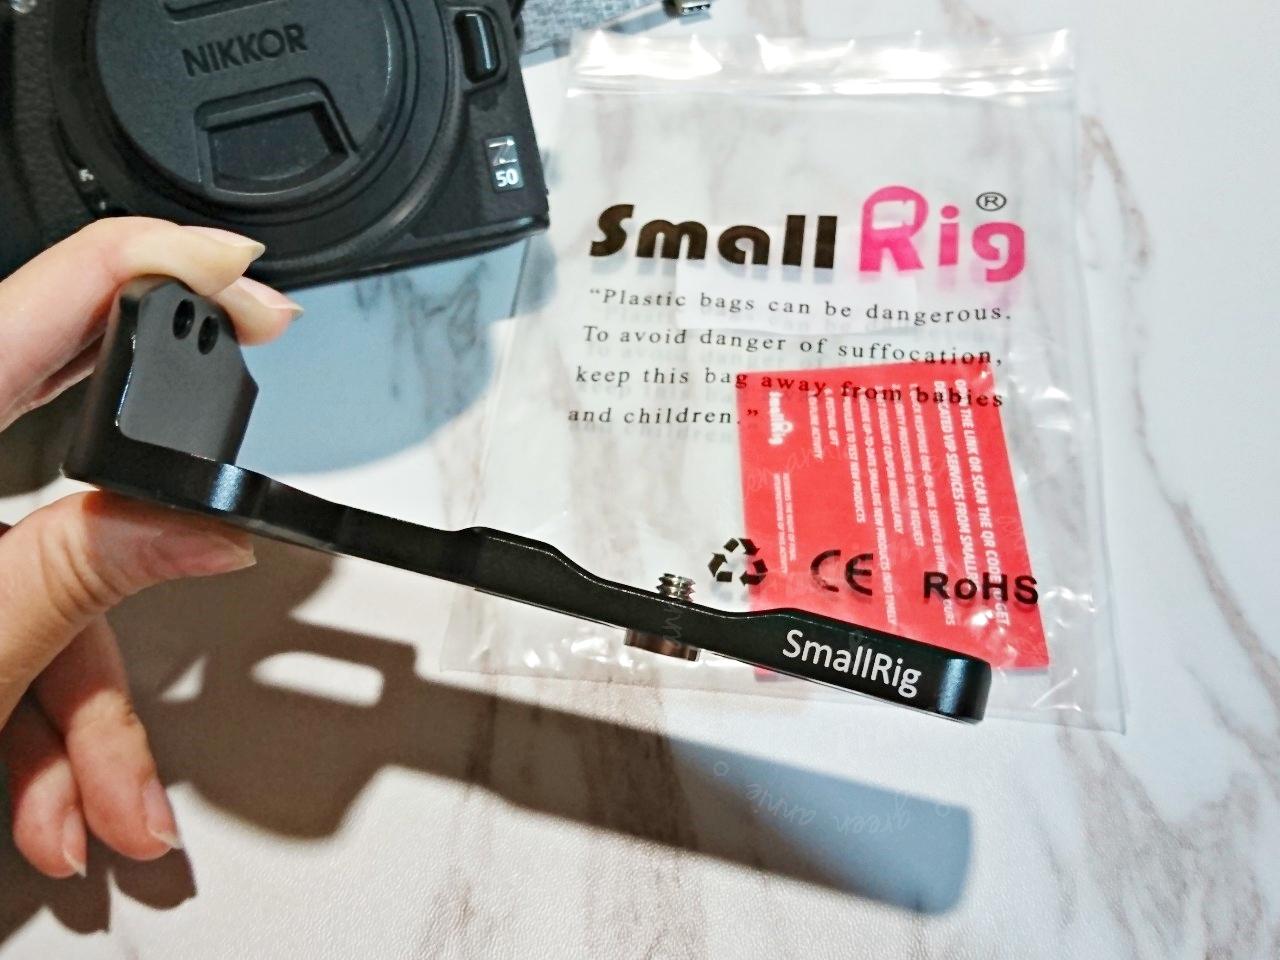 NIKON Z50必買配件SmallRig,讓翻轉螢幕裝腳架後能完整向下翻180度